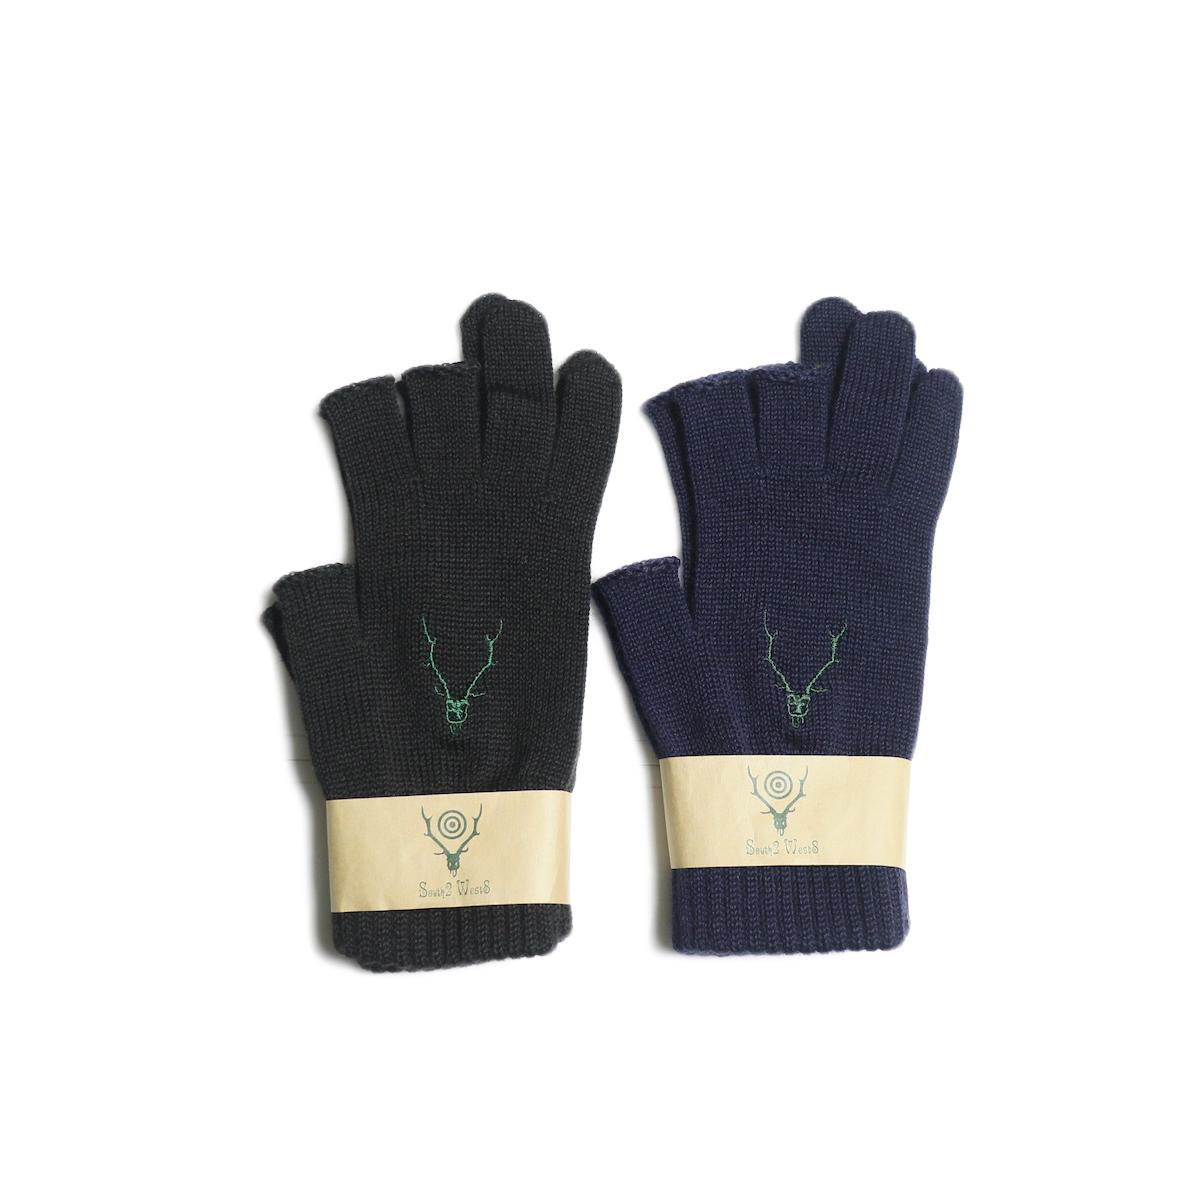 SOUTH2 WEST8 / Glove -W/A Knit